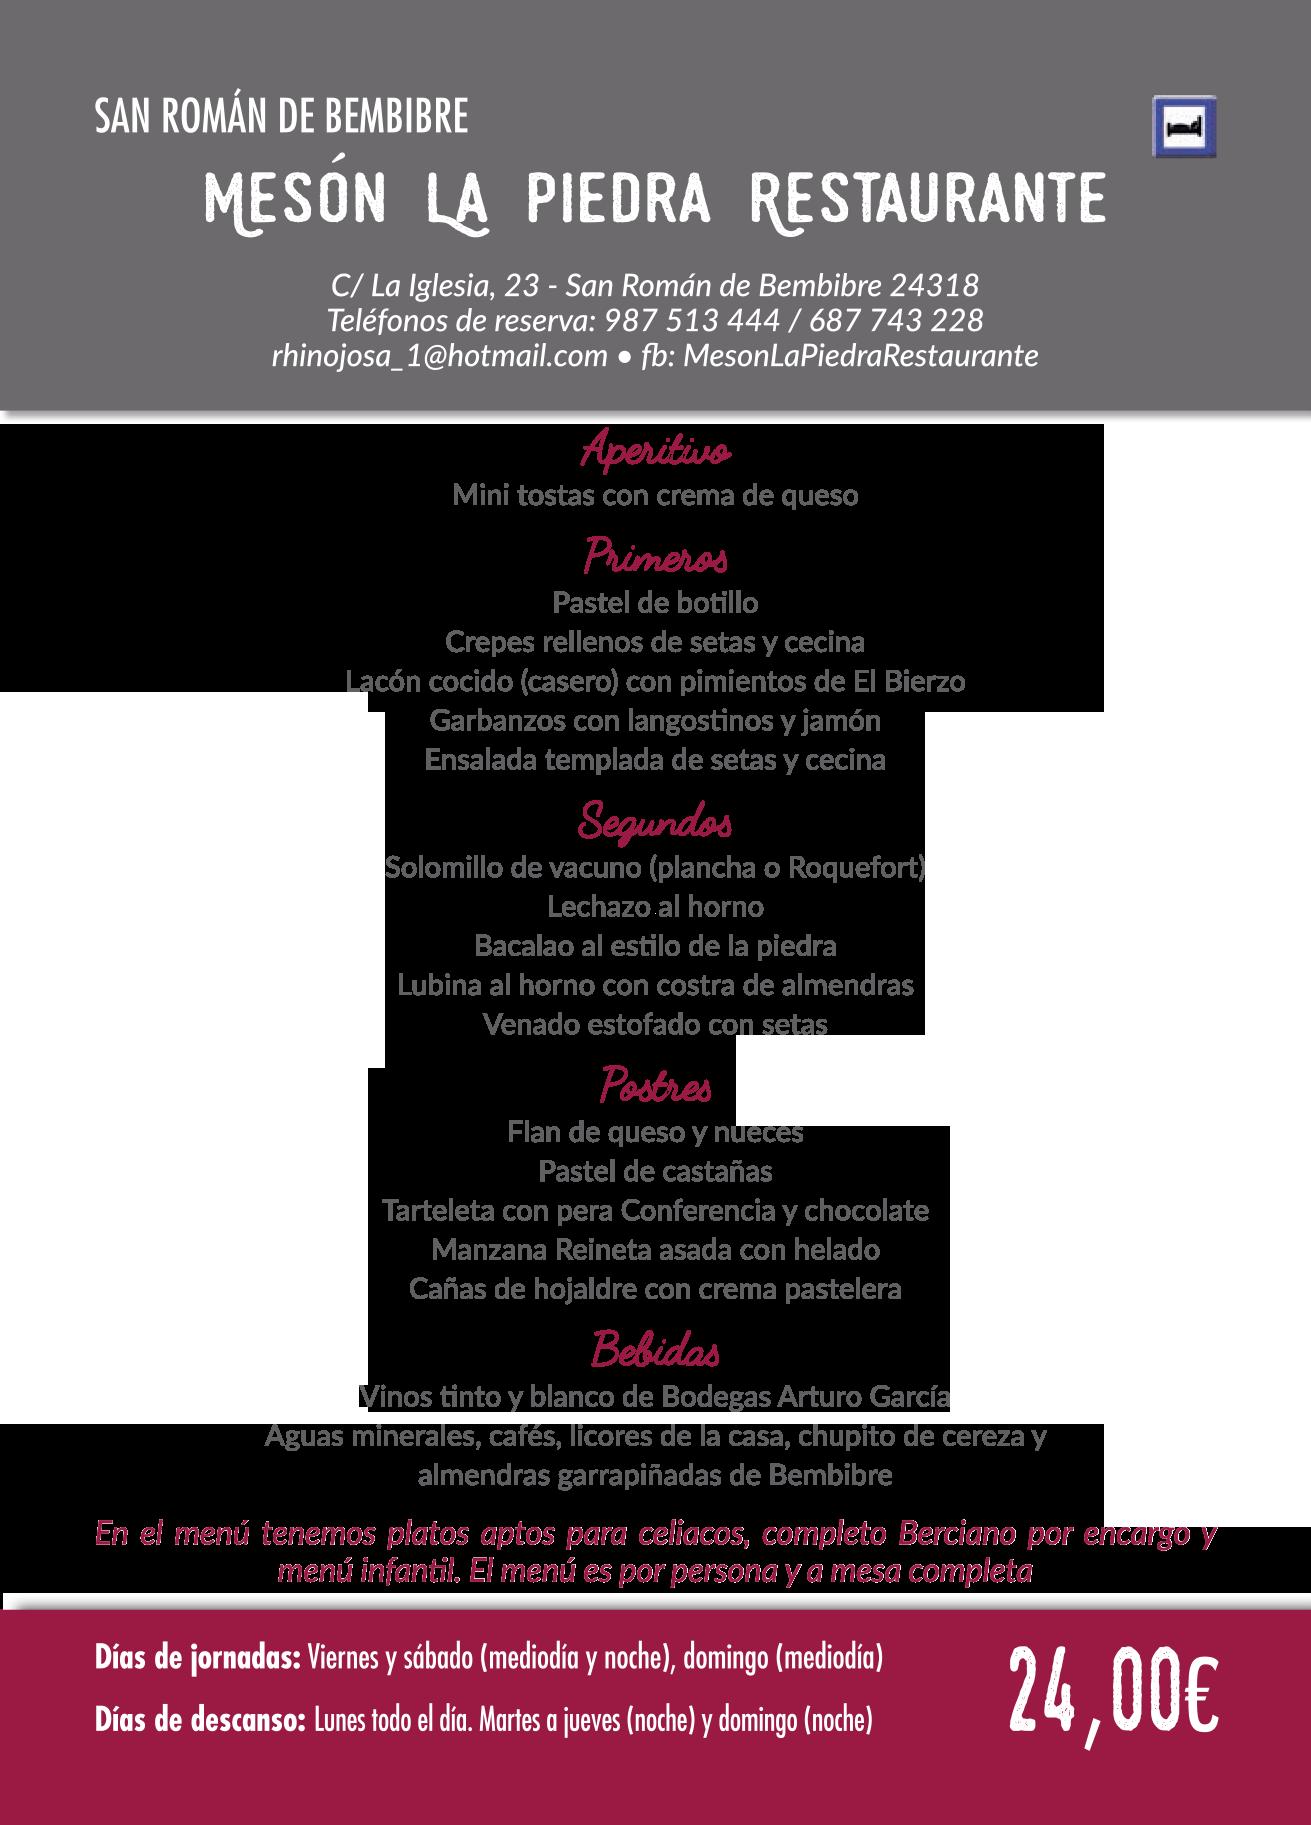 Las Jornadas Gastronómicas del Bierzo llegan a su 35 edición. Consulta los menús de esta edición 28